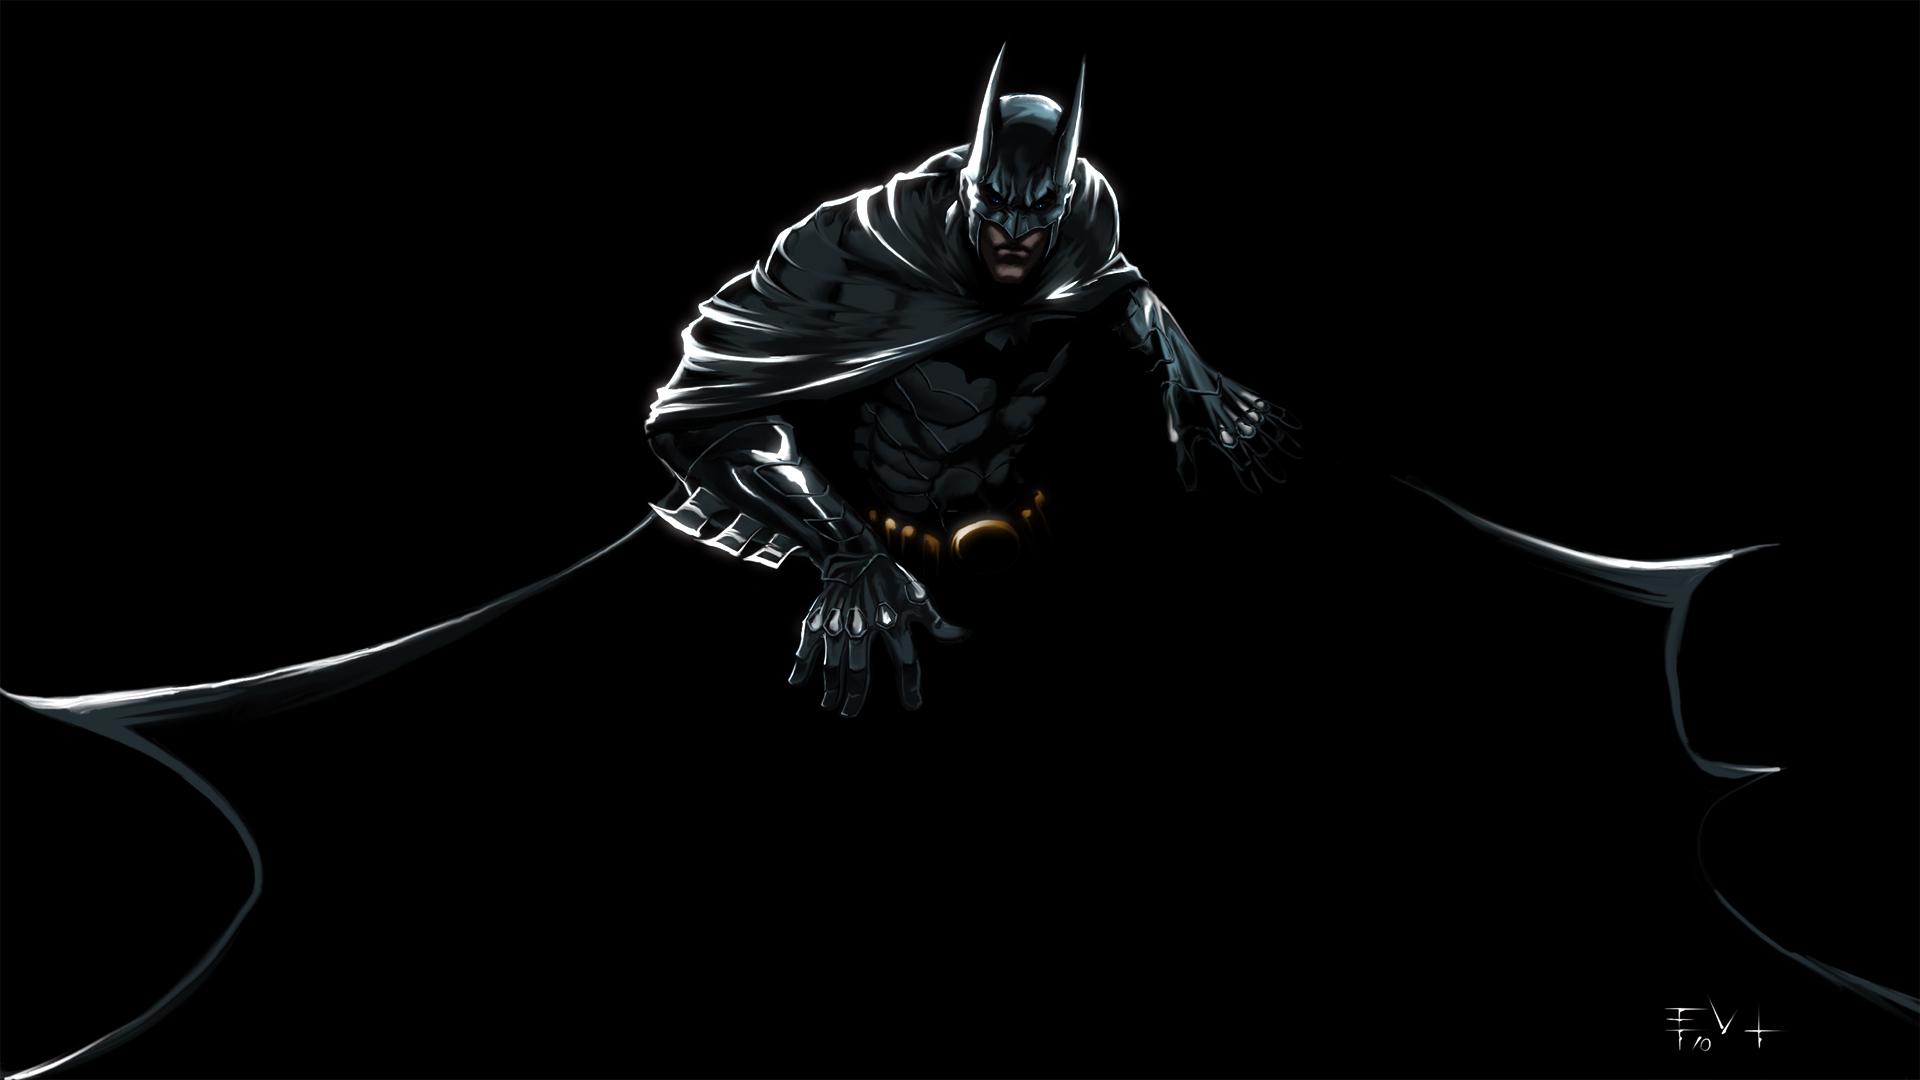 The Batman III